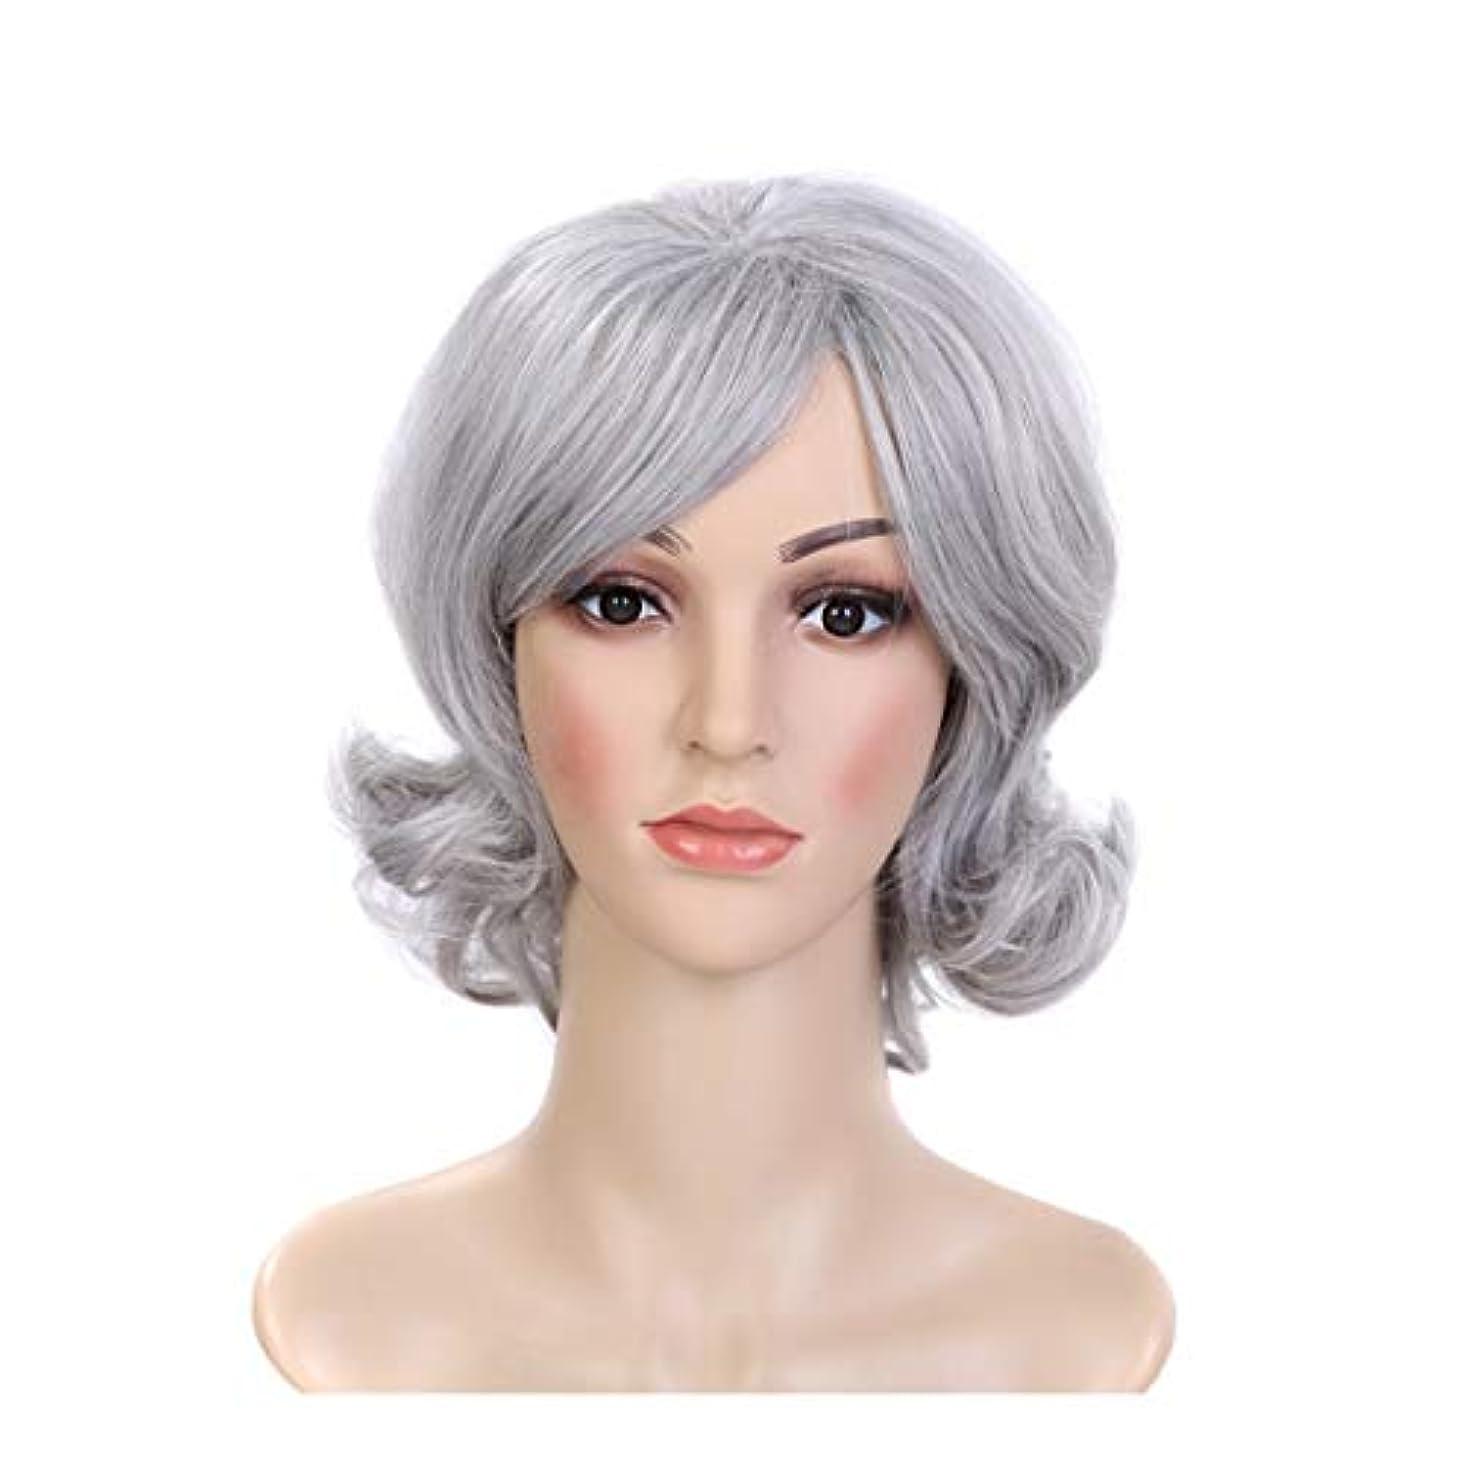 治世有能なブリッジYOUQIU ホワイト色のウィッグ女性の女の子のかつらのためのショートカーリーヘア合成ふわふわフルウィッグ (色 : Silver grey/grand ash)